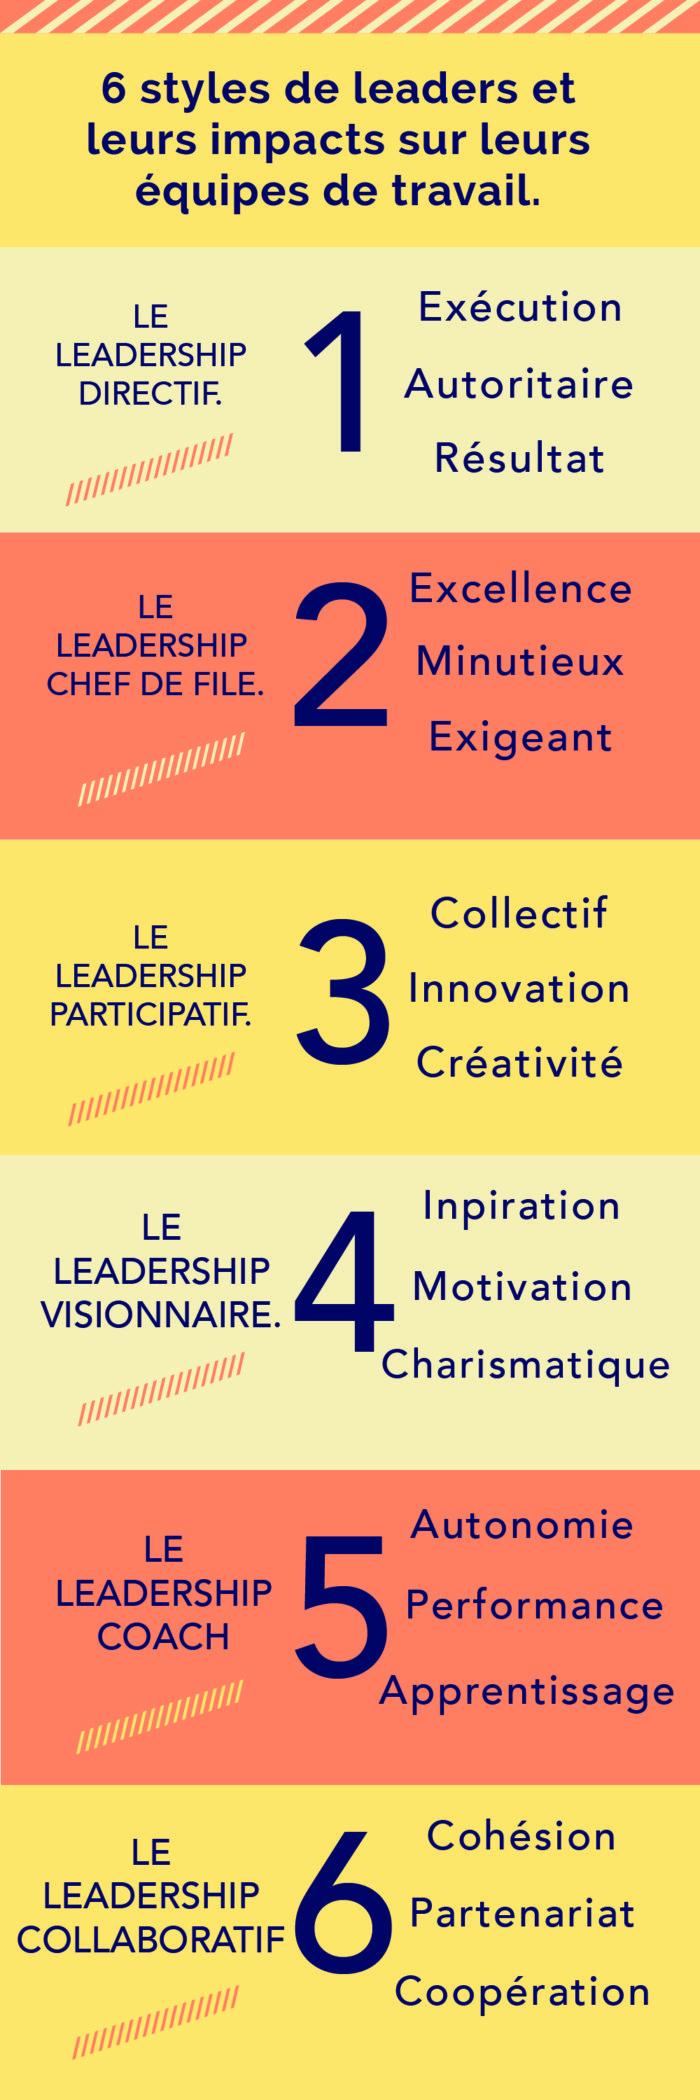 Esprit De Corps | 6 Styles De Leaders Et Leurs Impacts Sur tout Chercher Les Differences